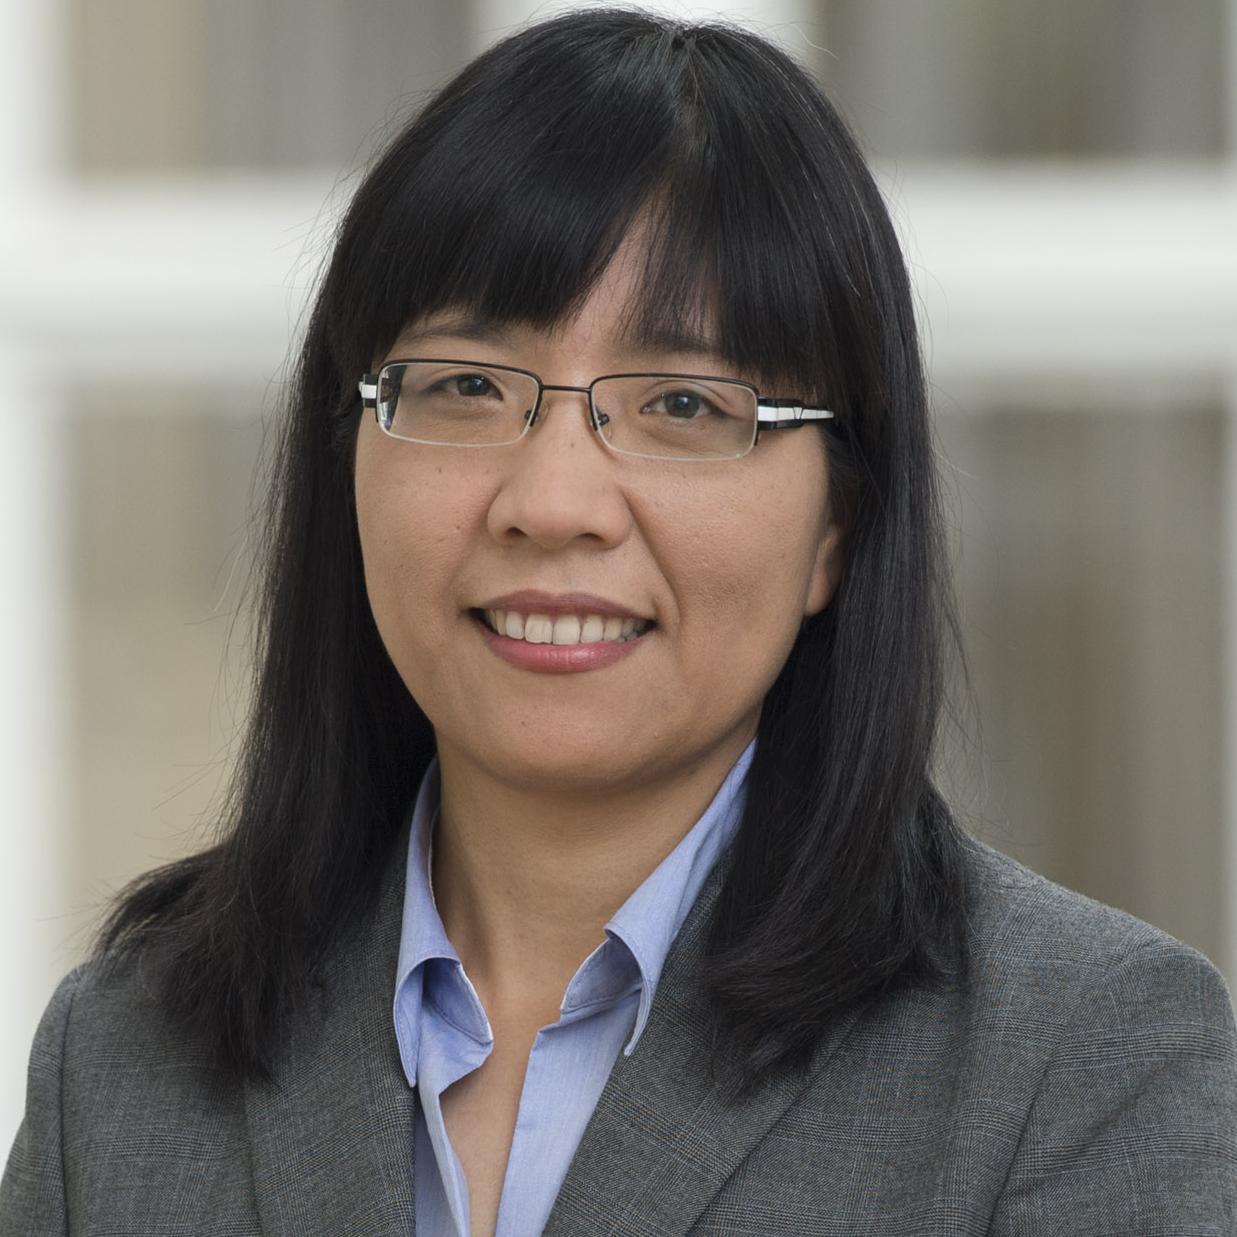 Lea Shih, wissenschaftliche Mitarbeiterin am Mercator Institut für China Studien (MERICS)